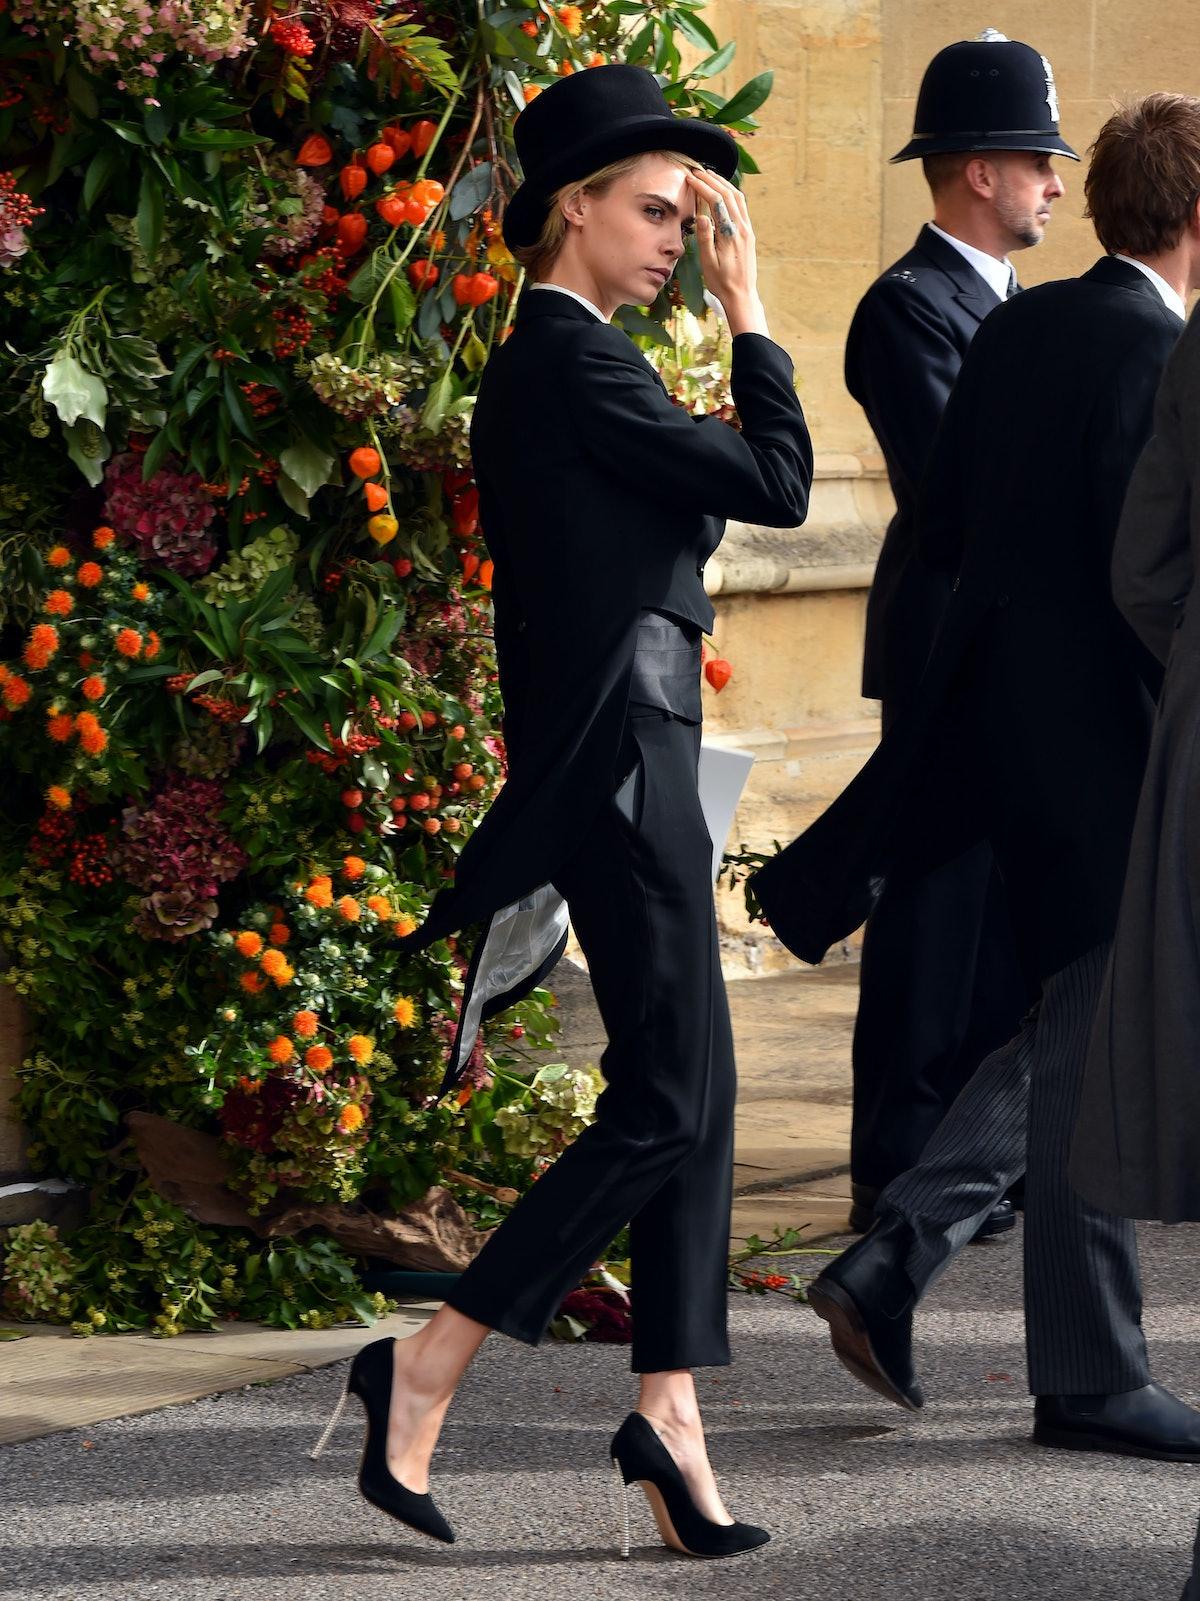 Cara Delevingne Bold Royal Wedding Look 1